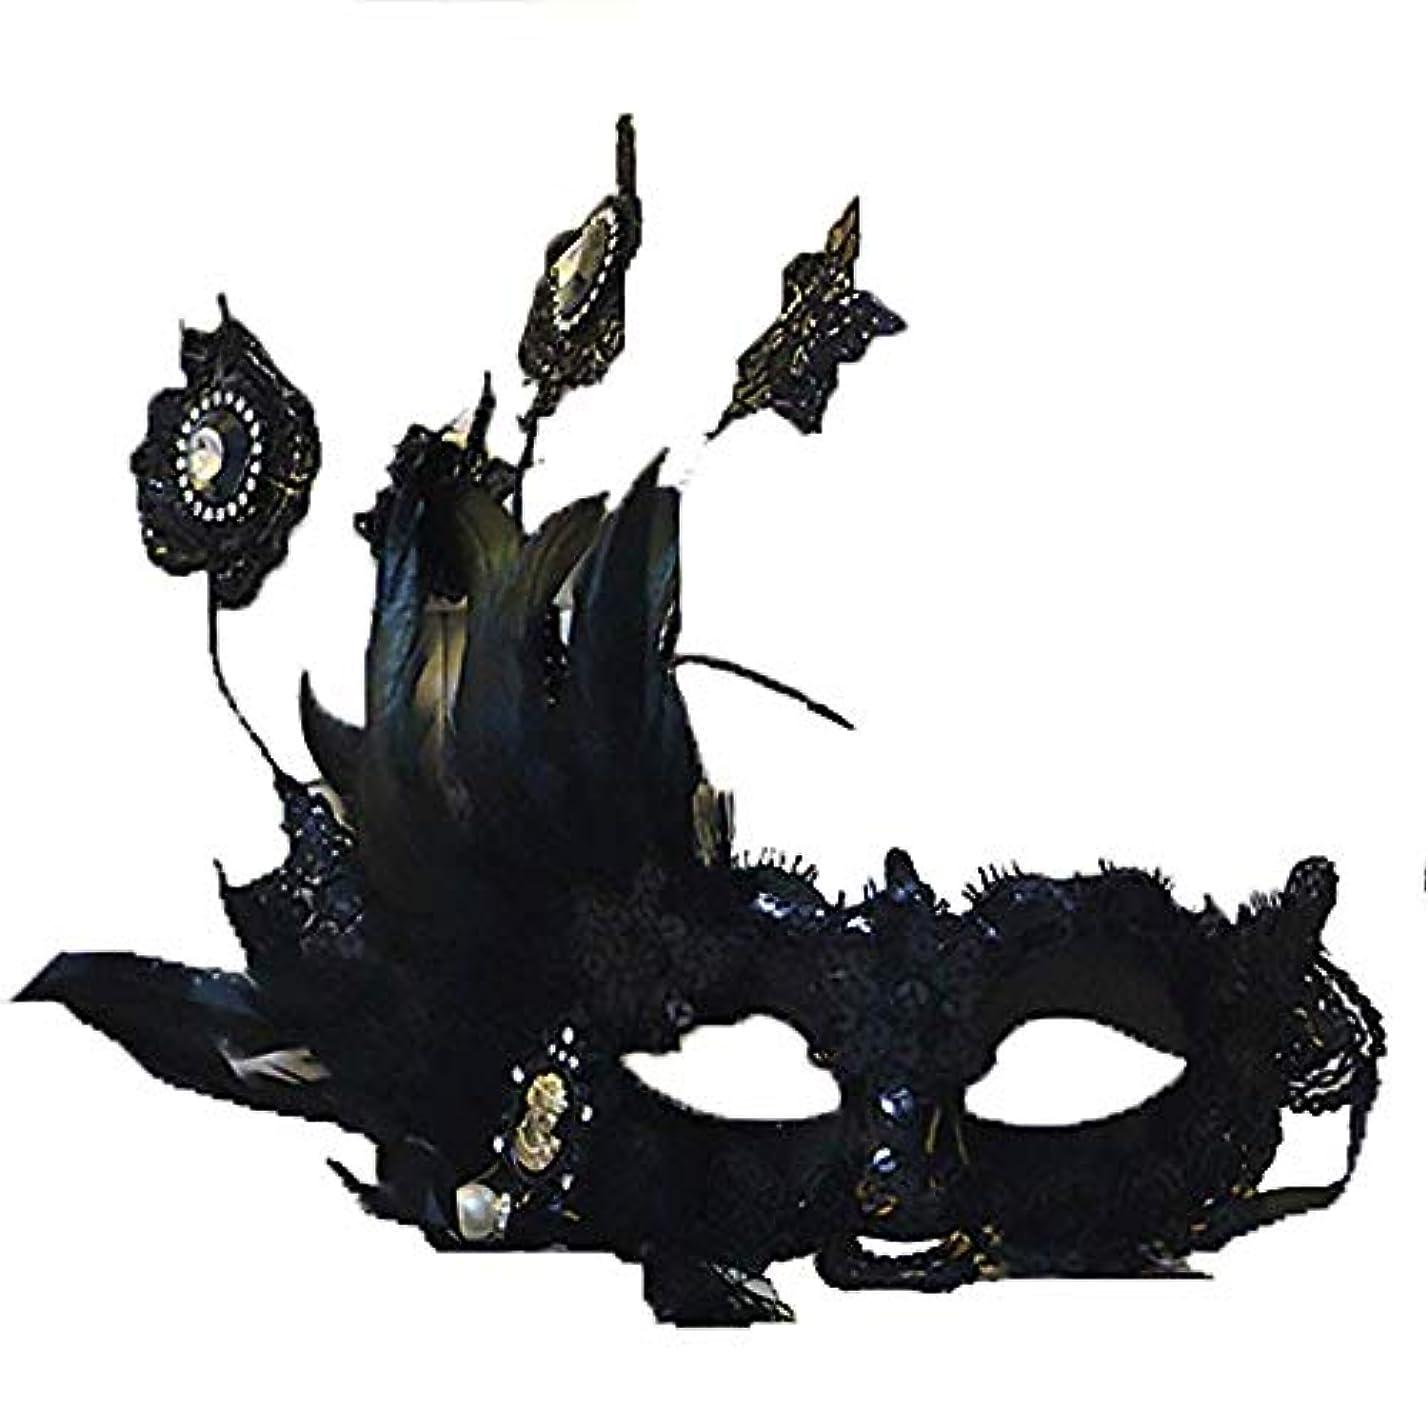 ベッド腹痛電気のNanle Halloween Ornate Blackコロンビーナフェザーマスク